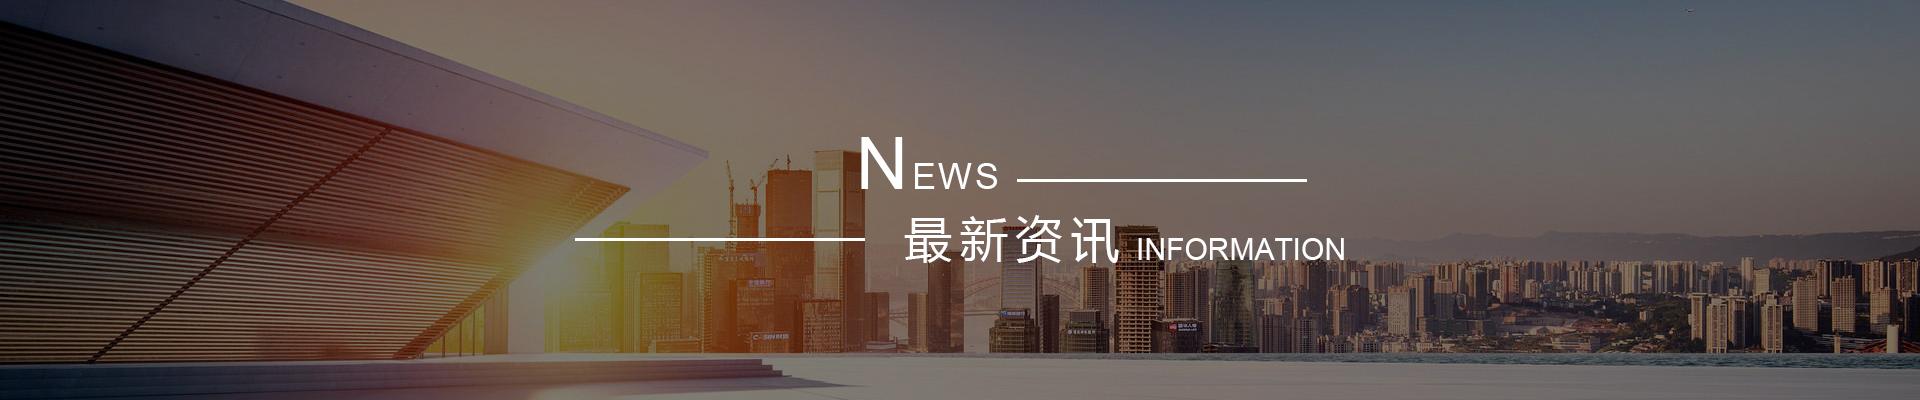 新闻列表页面